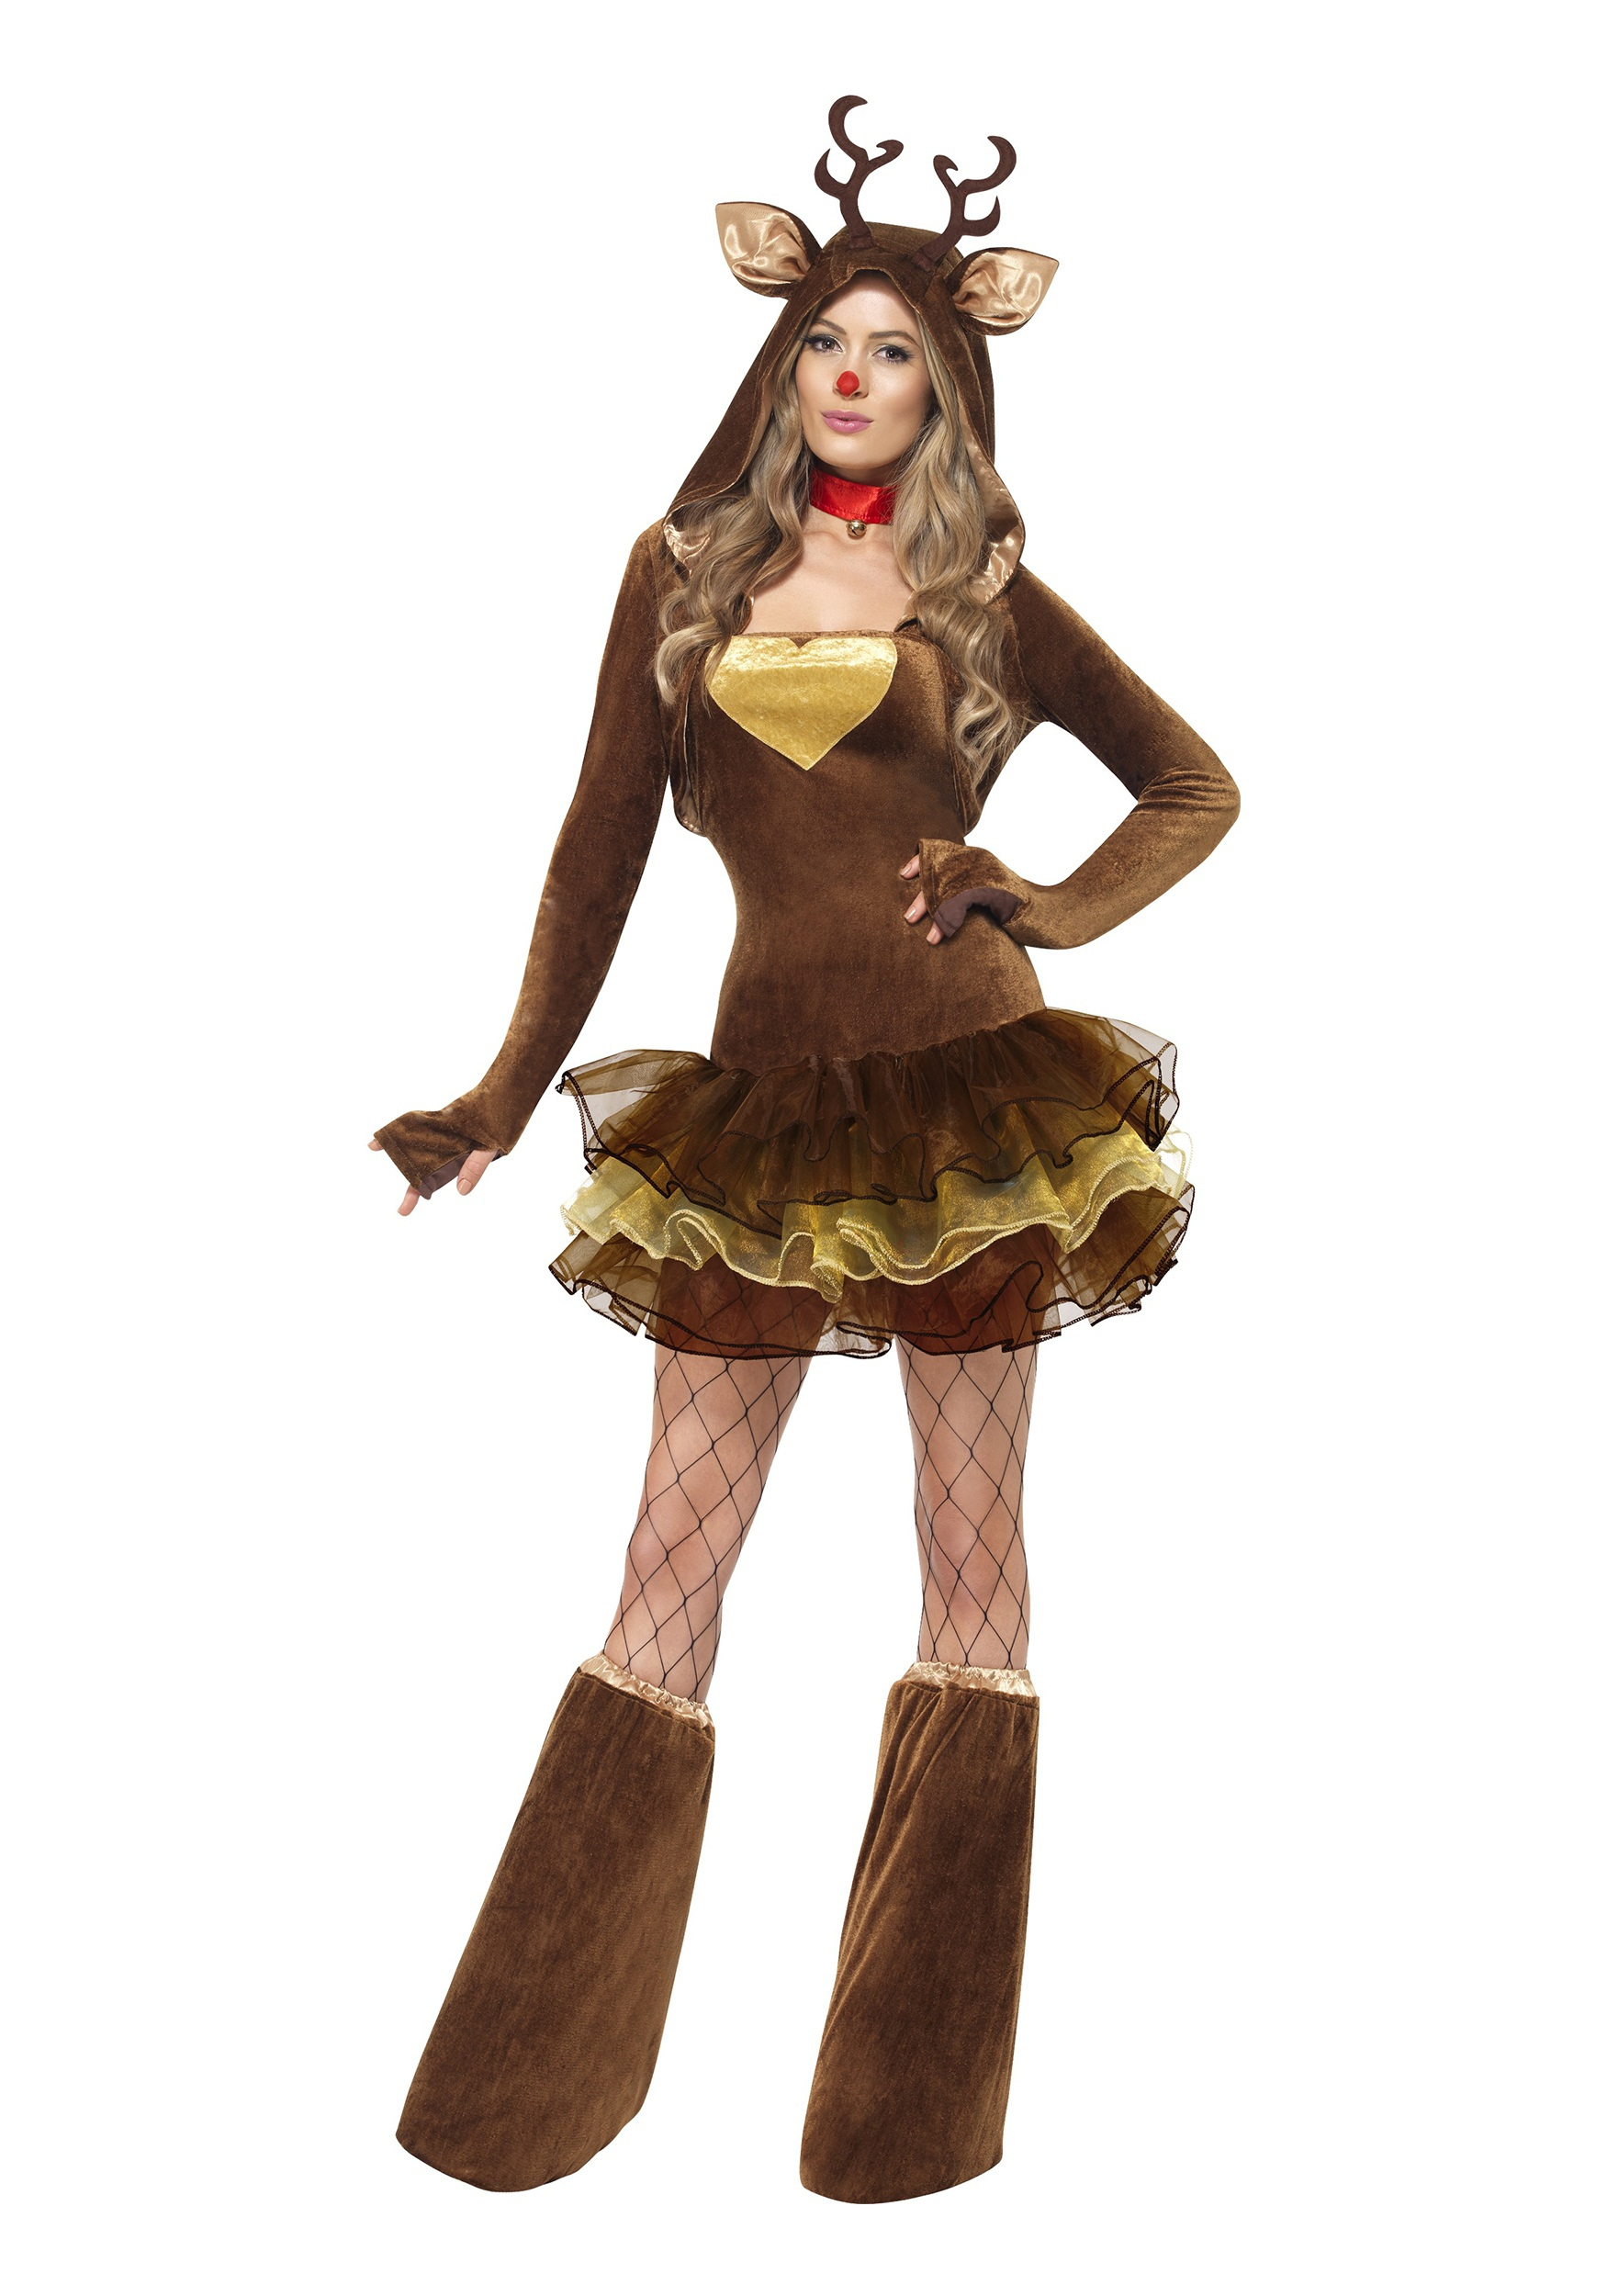 Sexy reindeer costumes